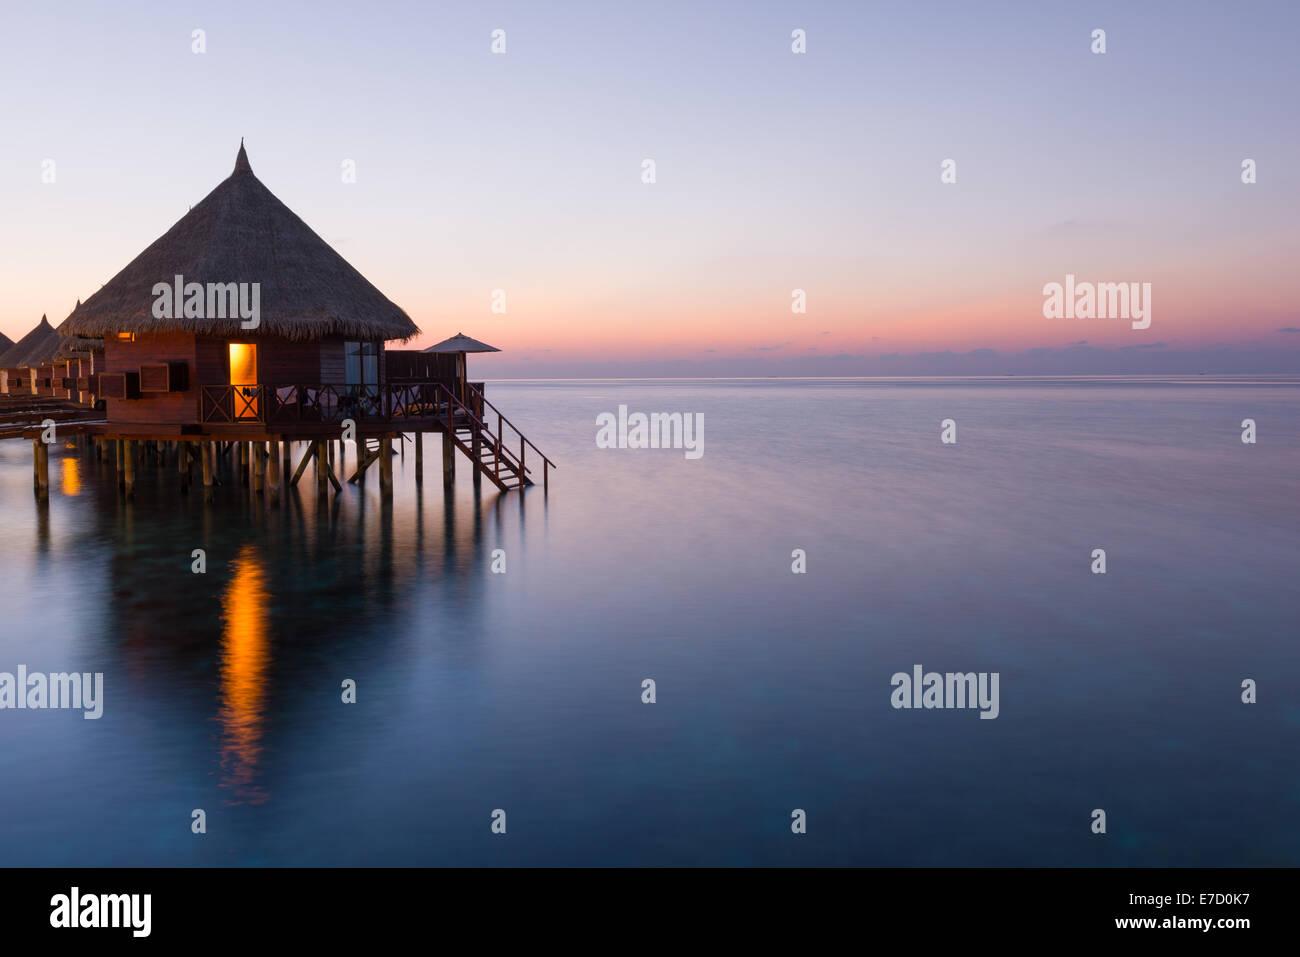 Panorama des tropischen Insel Resorts mit Überwasser Bungalows in der Nacht. Malediven. Ari-Atoll.  Malerischen Stockbild